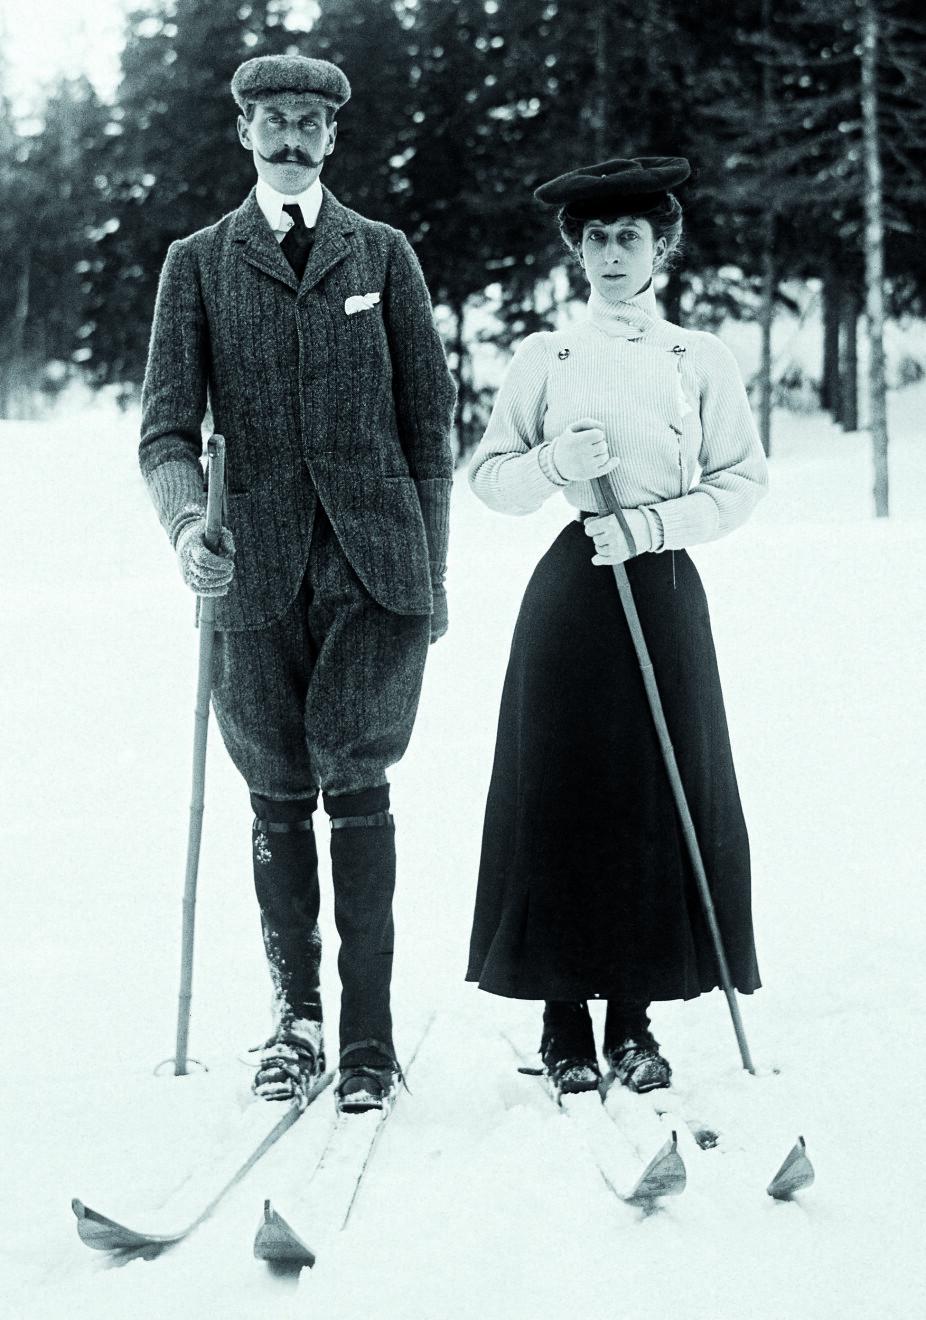 <b>PÅ SKISKOLE:</b> Det nye kongeparet hadde knapt vært i landet i mer enn to måneder før Fridtjof Nansen banket på slottsdøren og ville lære dem å gå på ski.